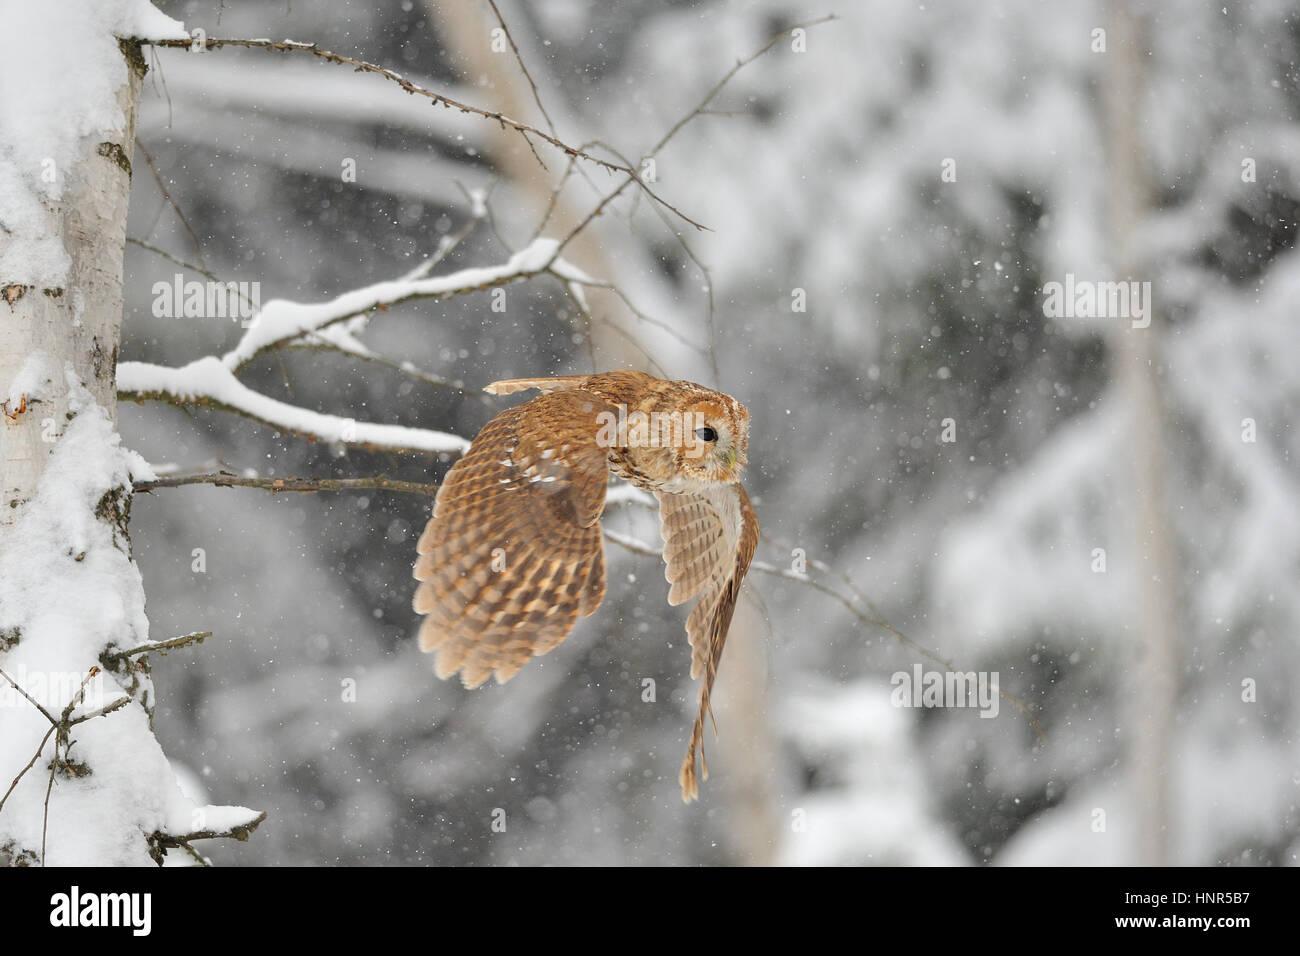 Flying allocco nel periodo invernale whne di neve Immagini Stock